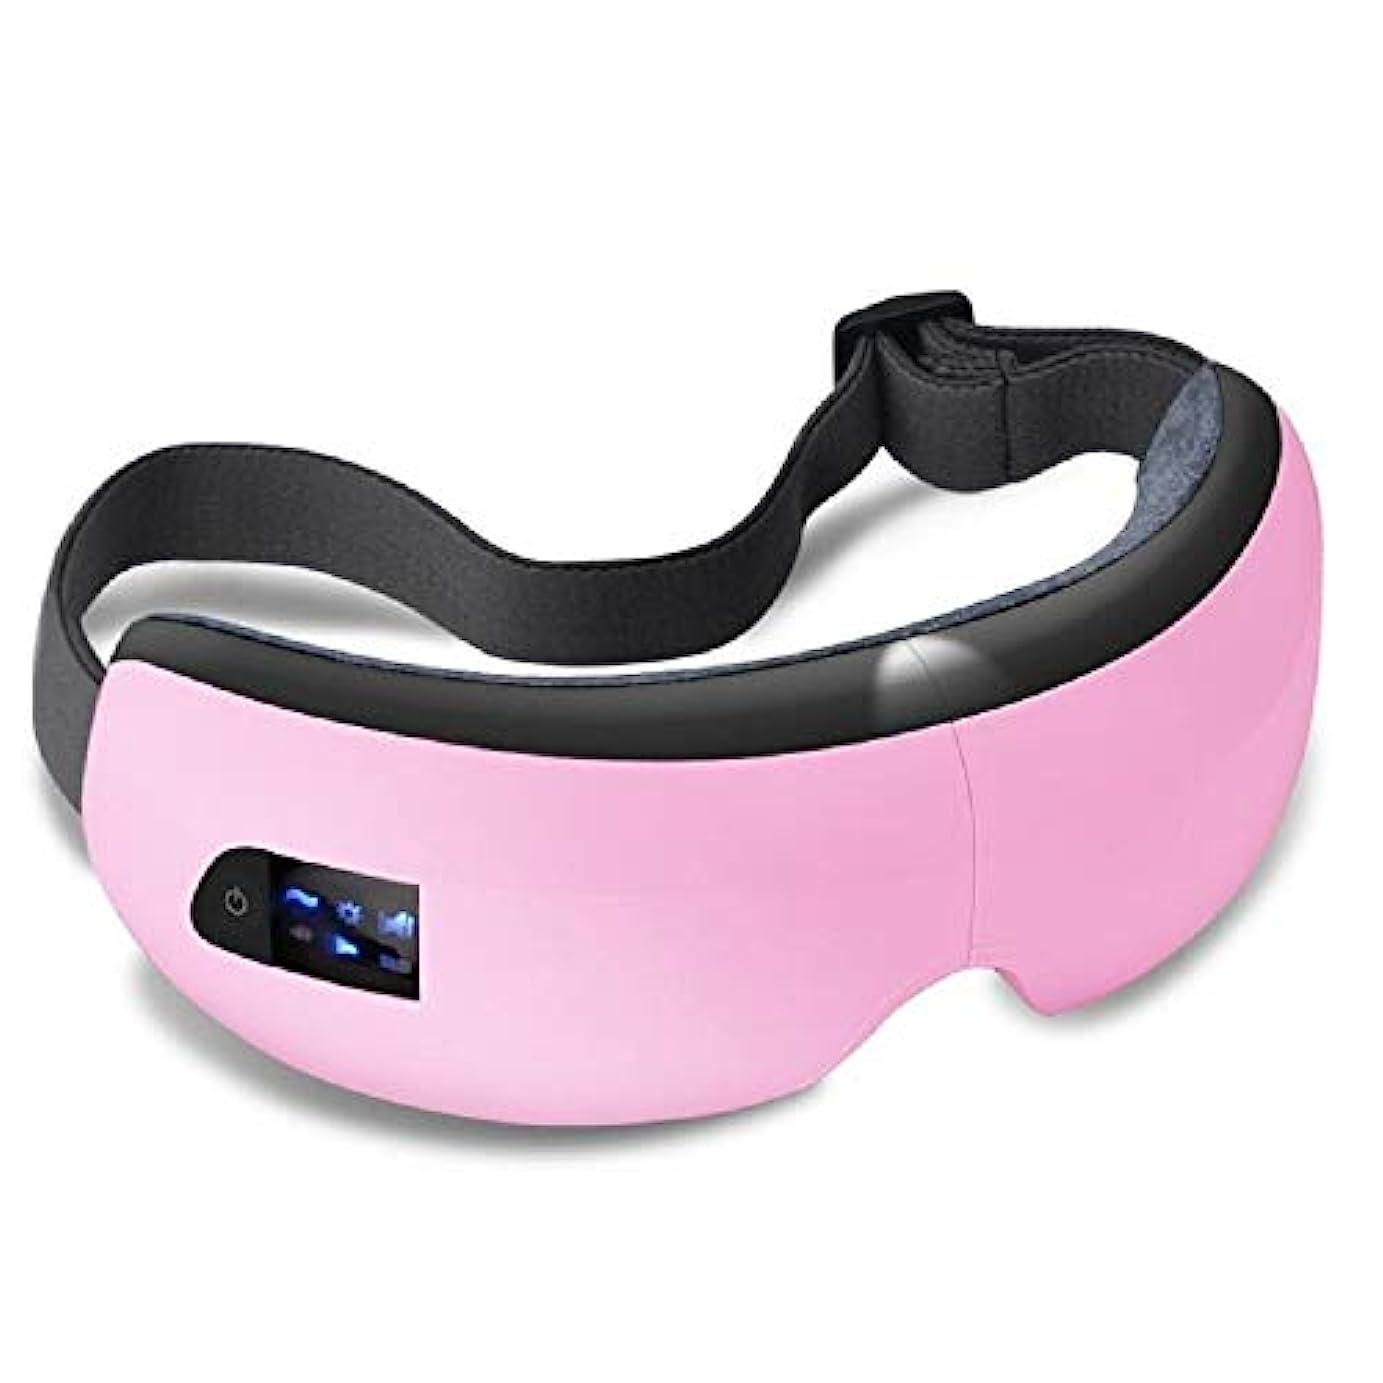 セッティング符号刺繍Meet now ホットプレス充電式アイマッサージャー付きのスタイリッシュなワイヤレスインテリジェント電気アイプロテクター 品質保証 (Color : Pink)